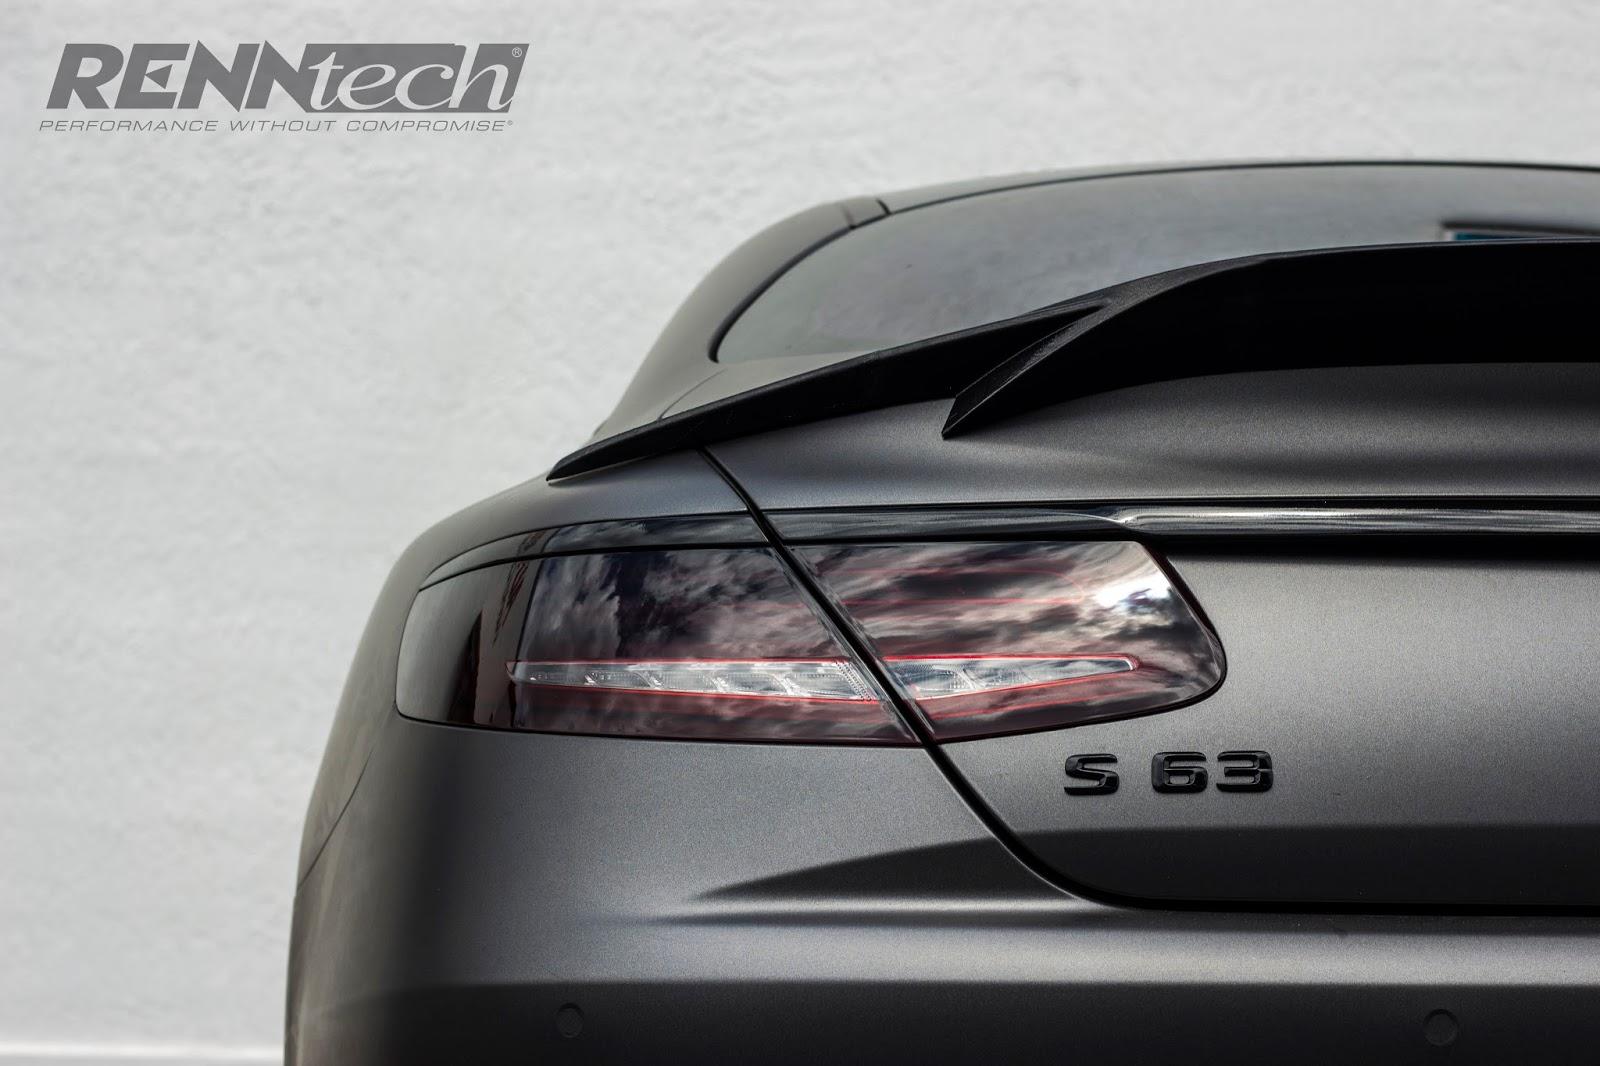 Mercedes-AMG S63 Coupé Renntech (11)